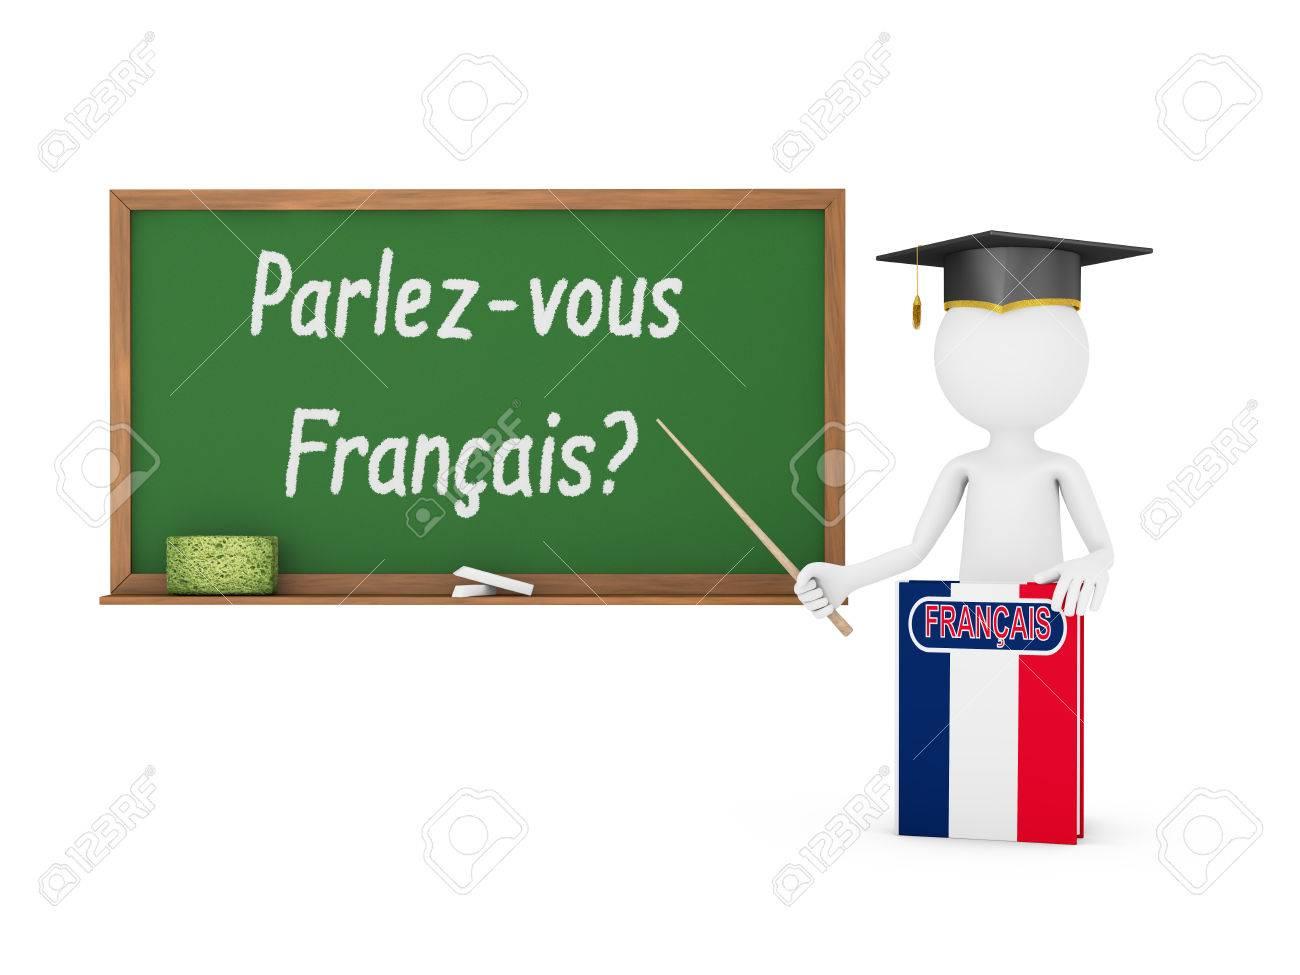 Man Livre Francais Avec Un Drapeau Et D Un Conseil De La Craie Sur Lequel Est Ecrit Vous Parlez D Un Francais